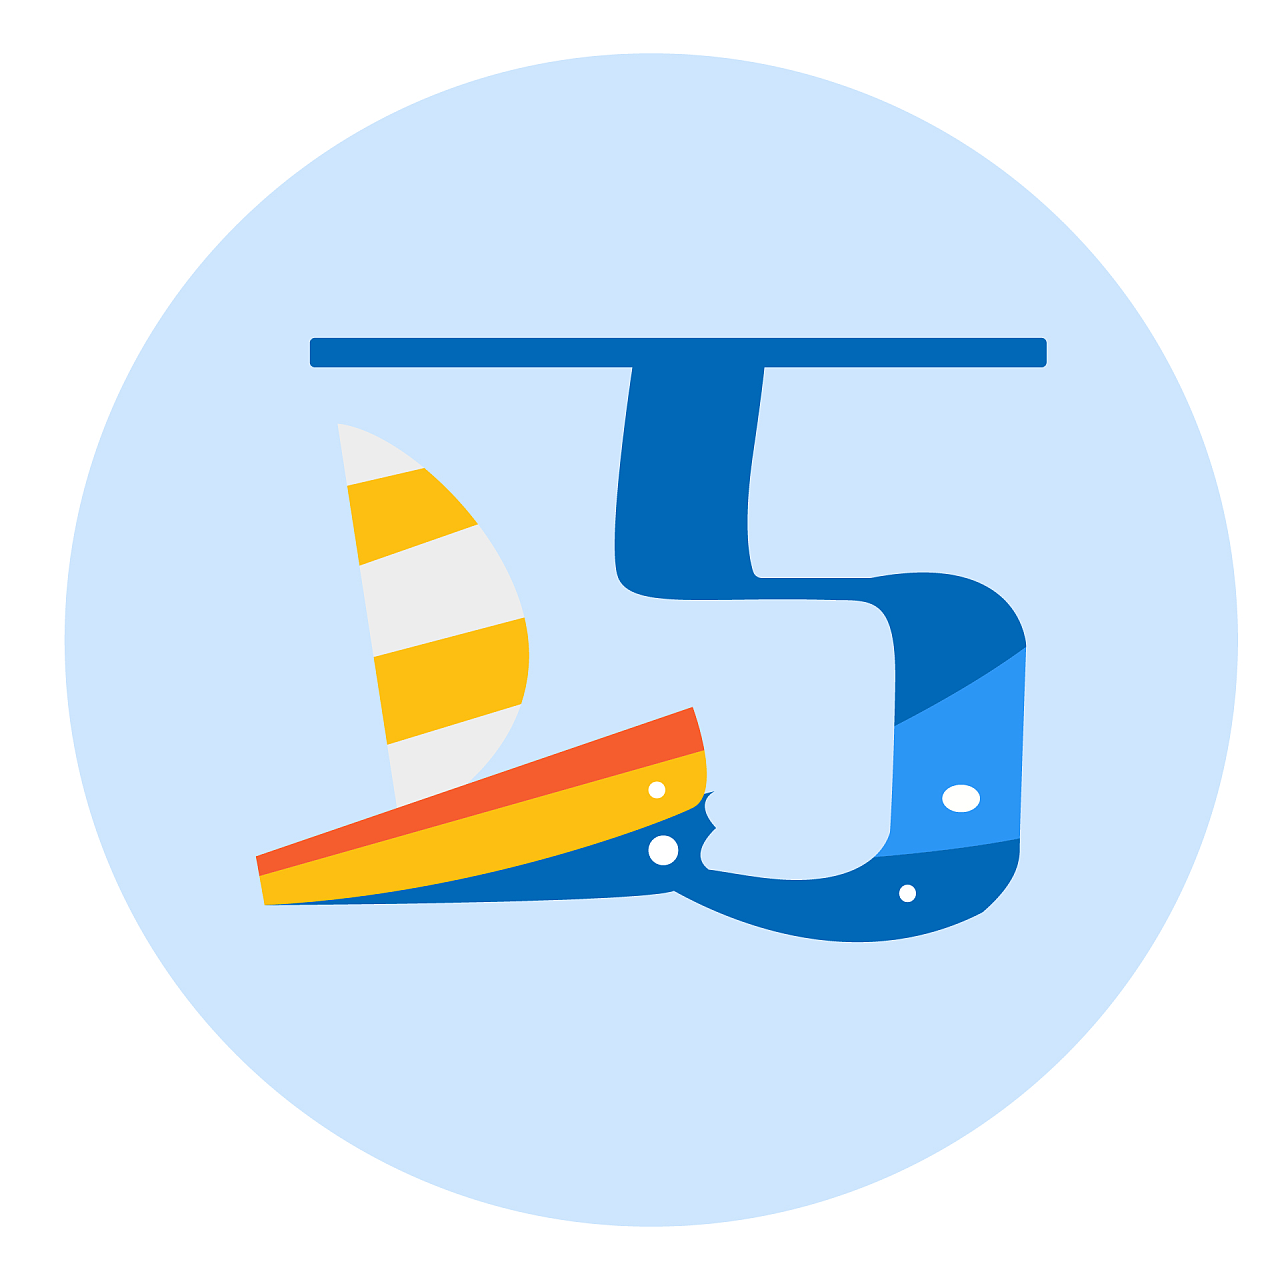 公司logo设计|动漫|三维动画|buckish - 原创作品图片